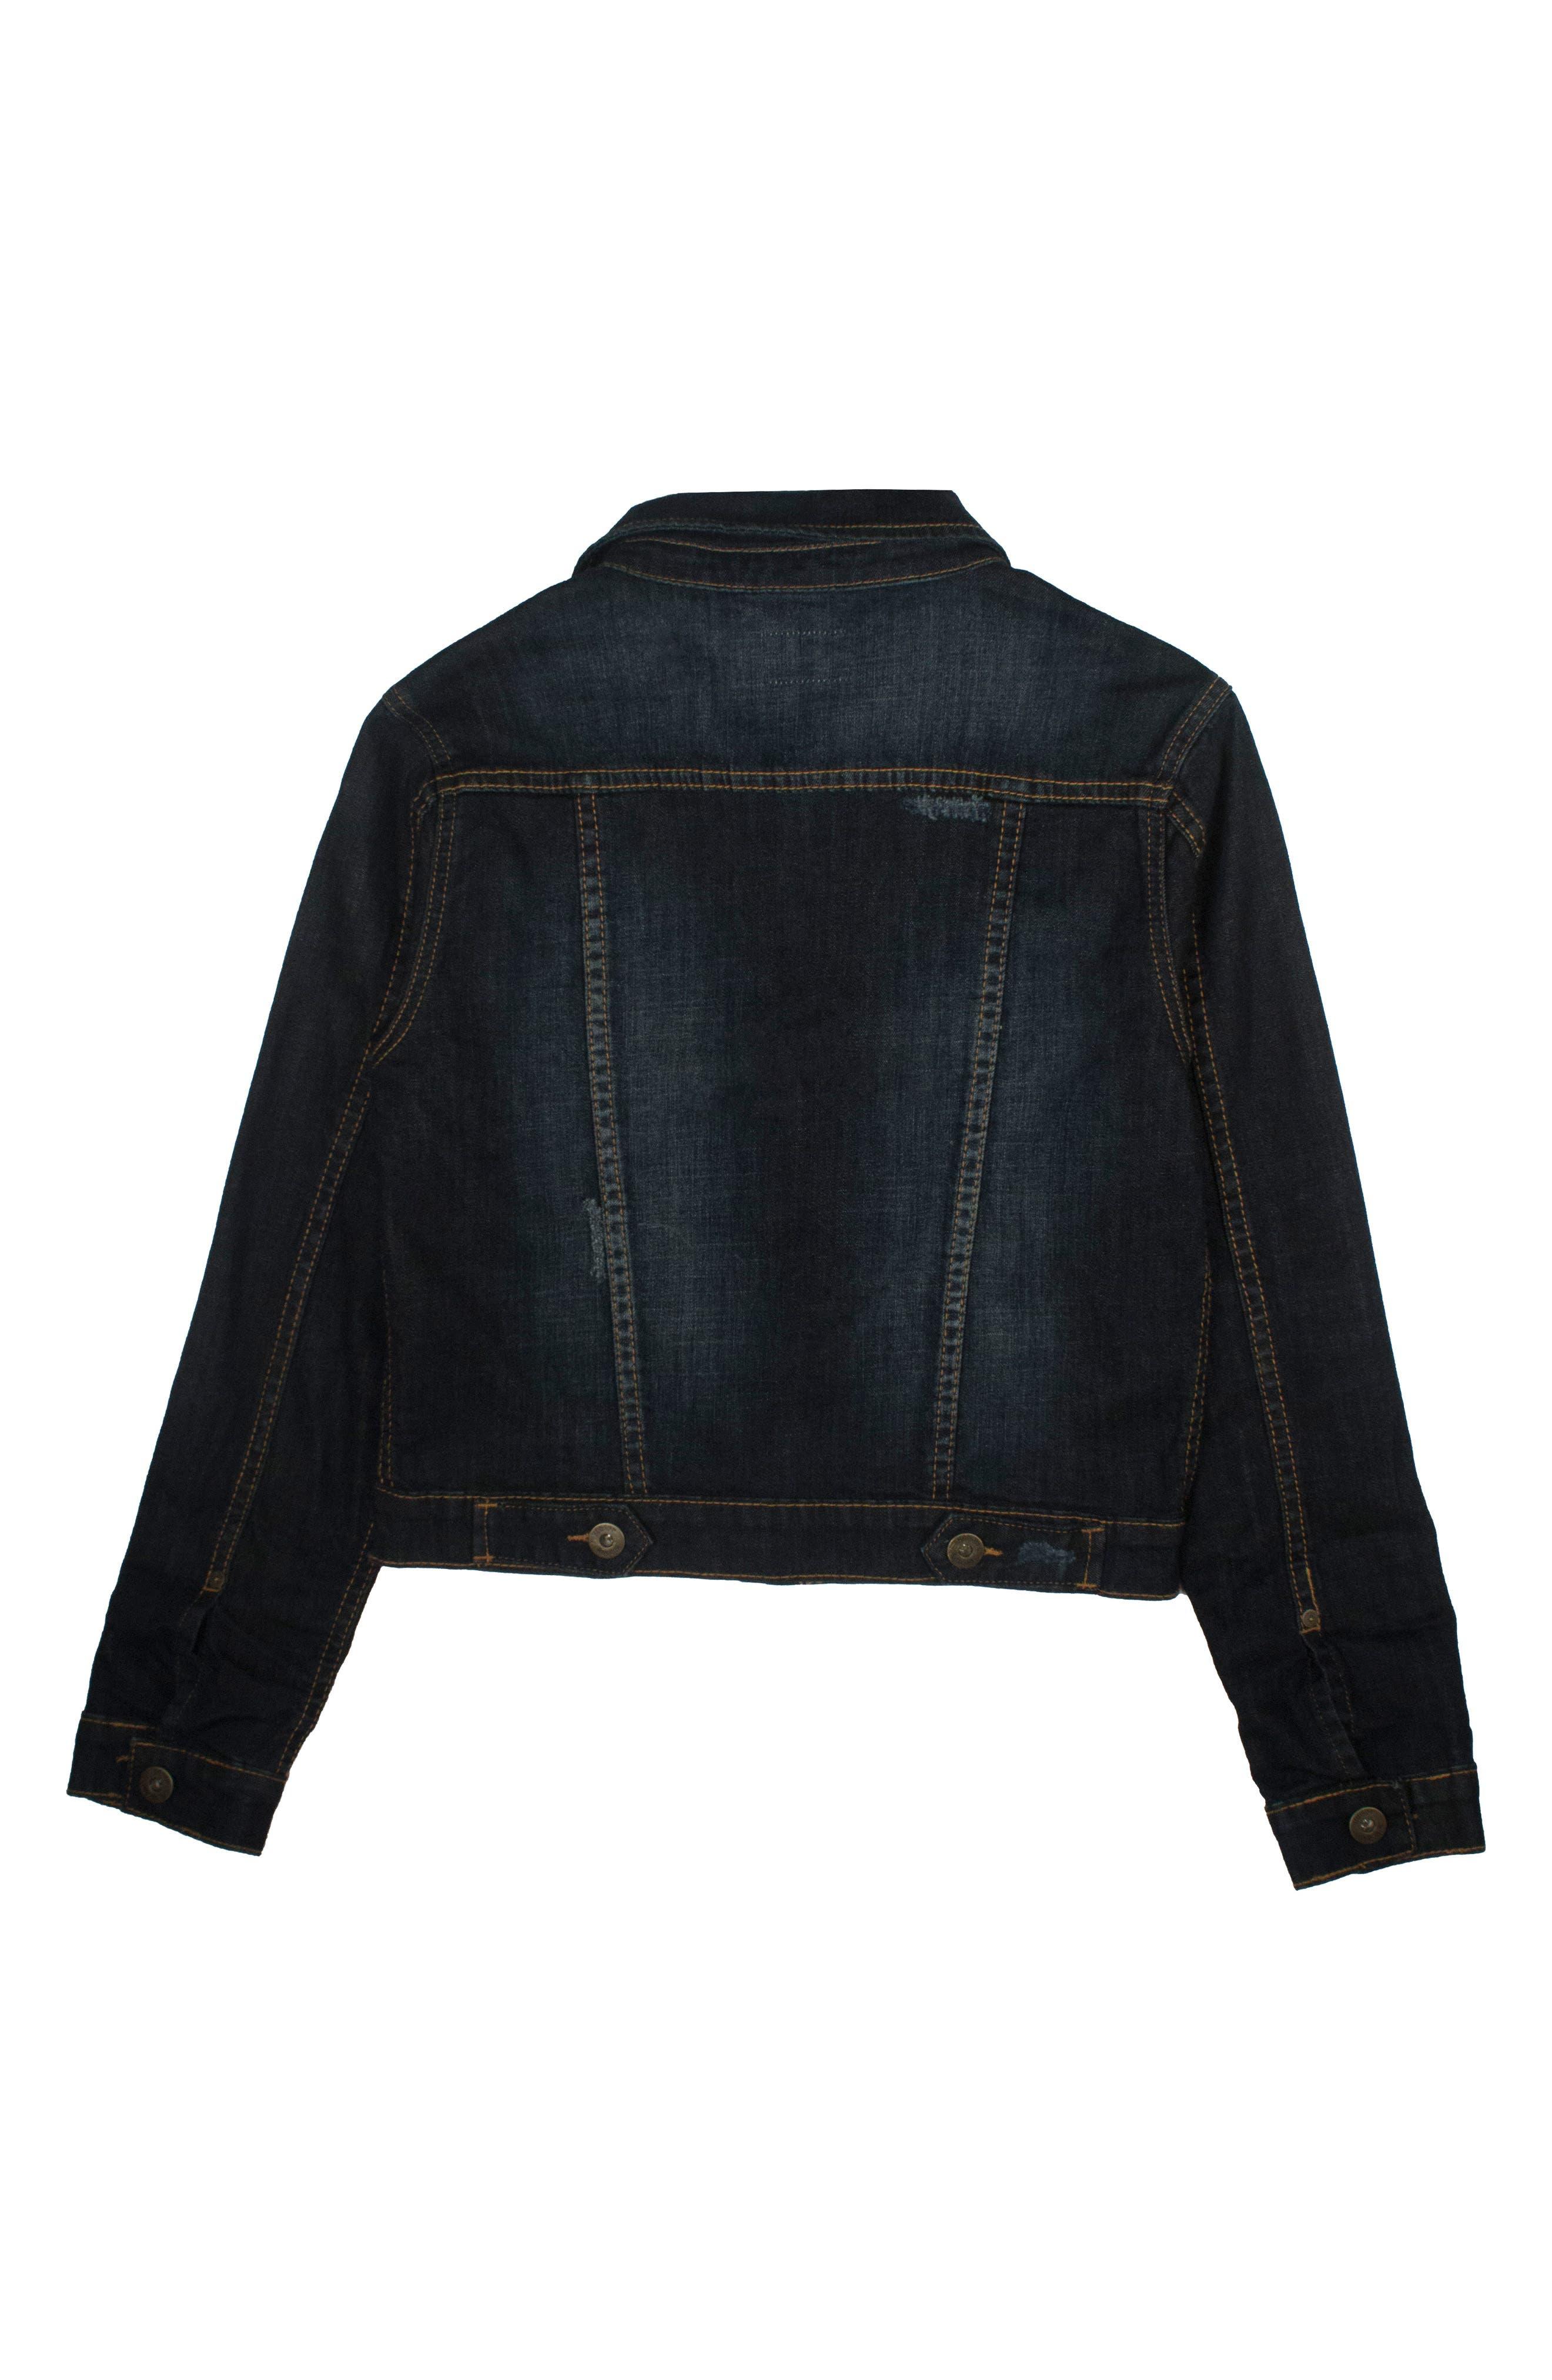 Image of HUDSON Jeans Garrison Jacket